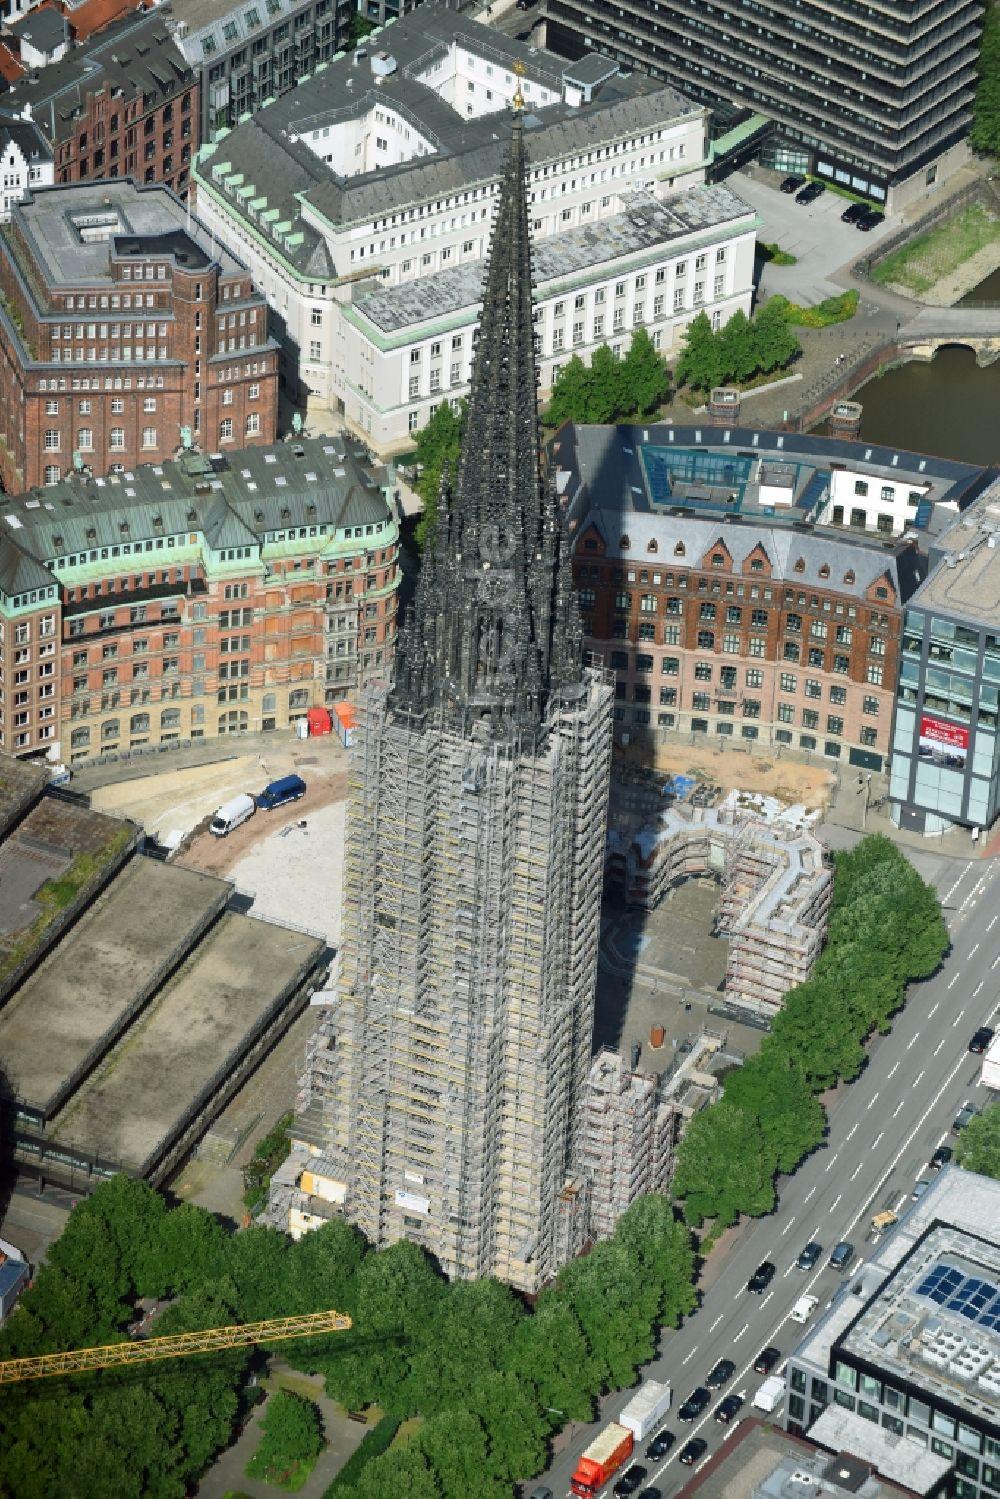 Luftbild Hamburg Kirchenturm Am Kirchengebäude Mahnmal St